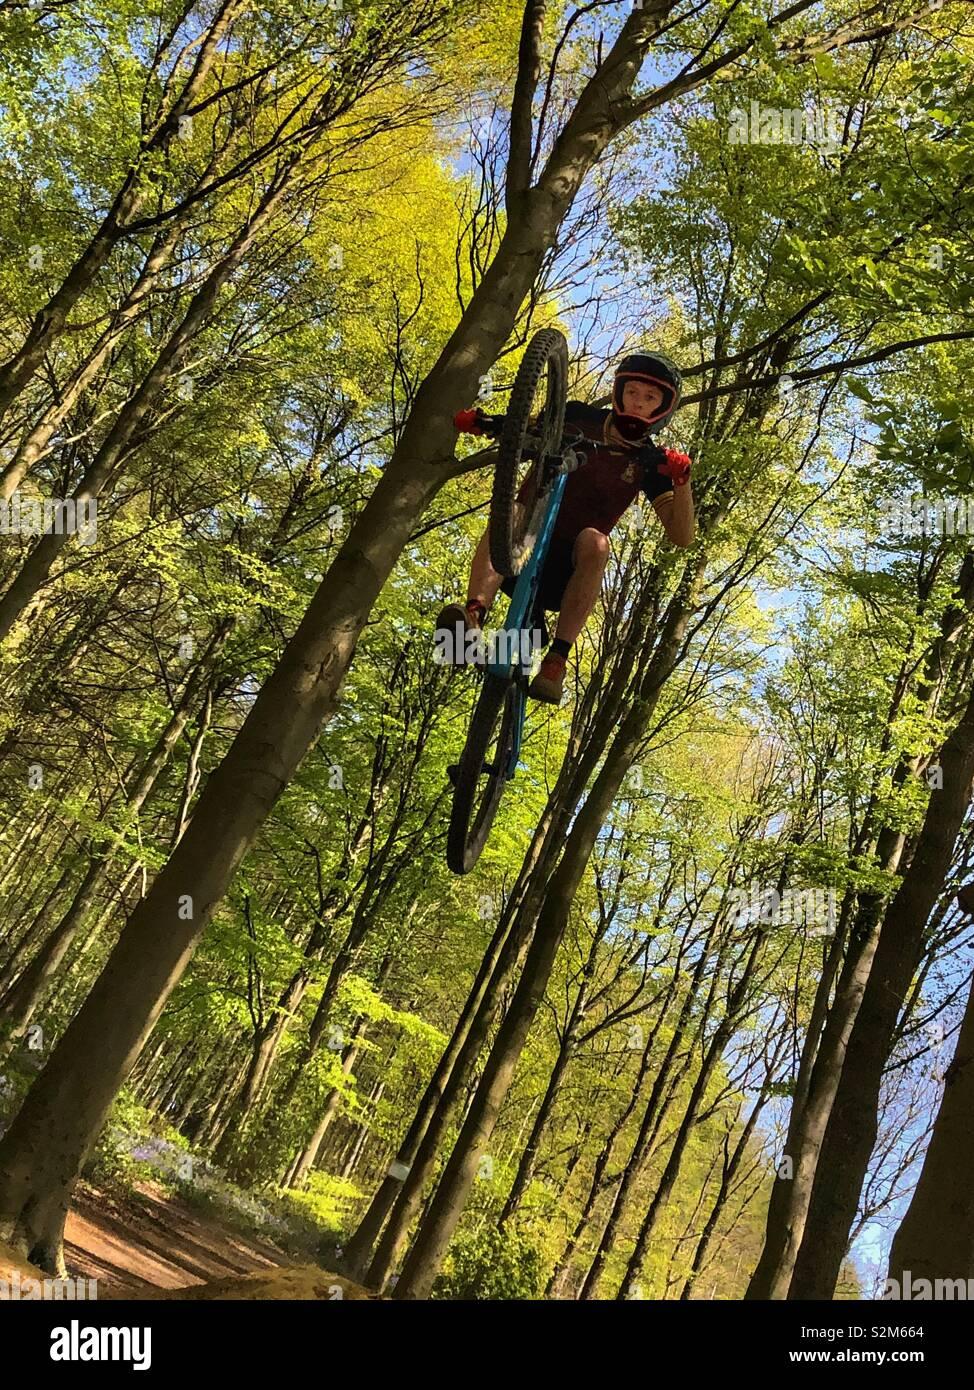 Ciclista de montaña obteniendo big air en un salto en el bosque Foto de stock